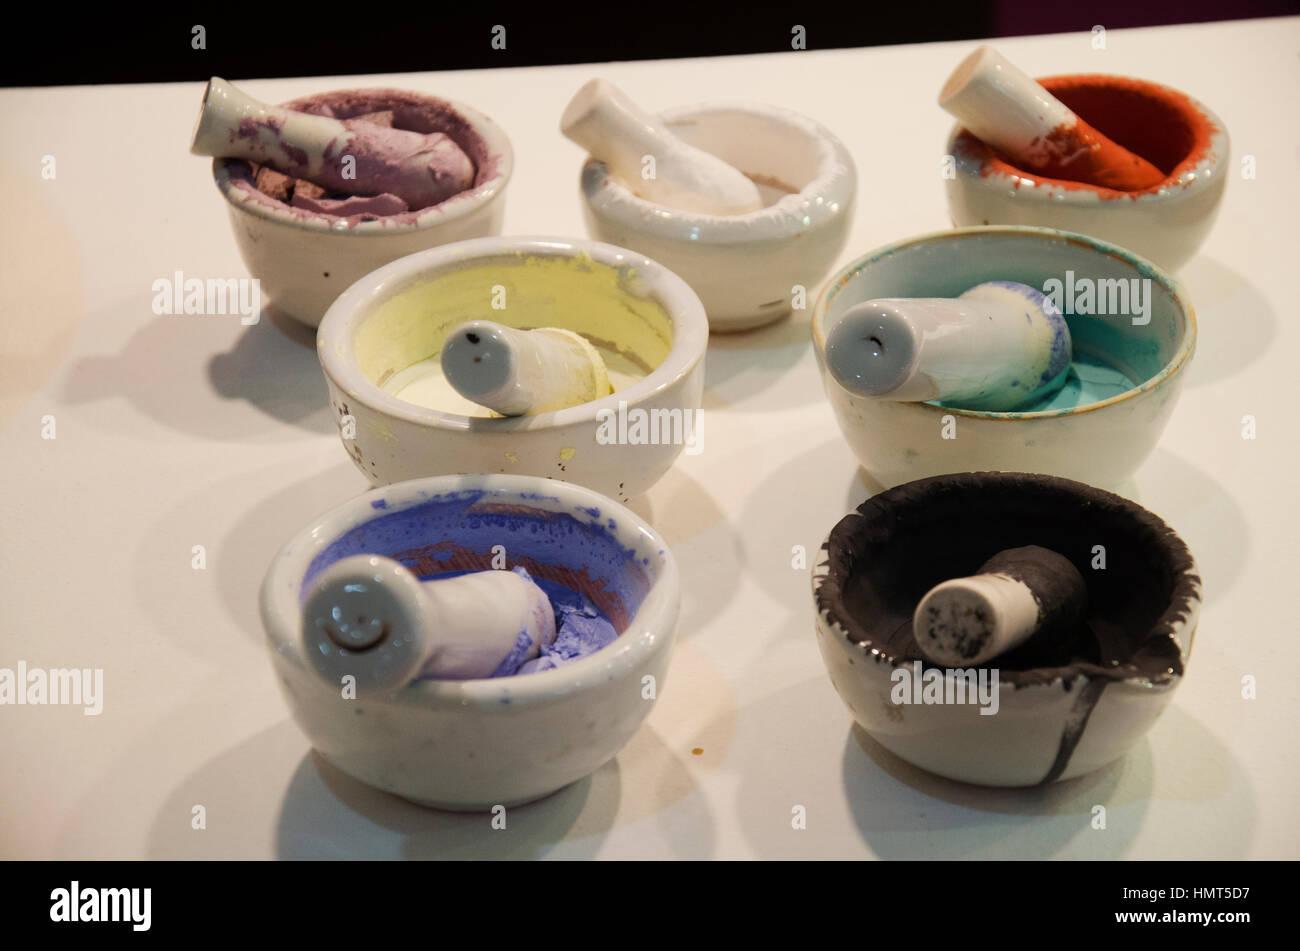 Poudre Acrylique Colorée En Couleur Cuisine Mortier Ou Mortier Ponceuse  Pour Préparer Lu0027eau De Mélange De Peinture Sur Faïence Art